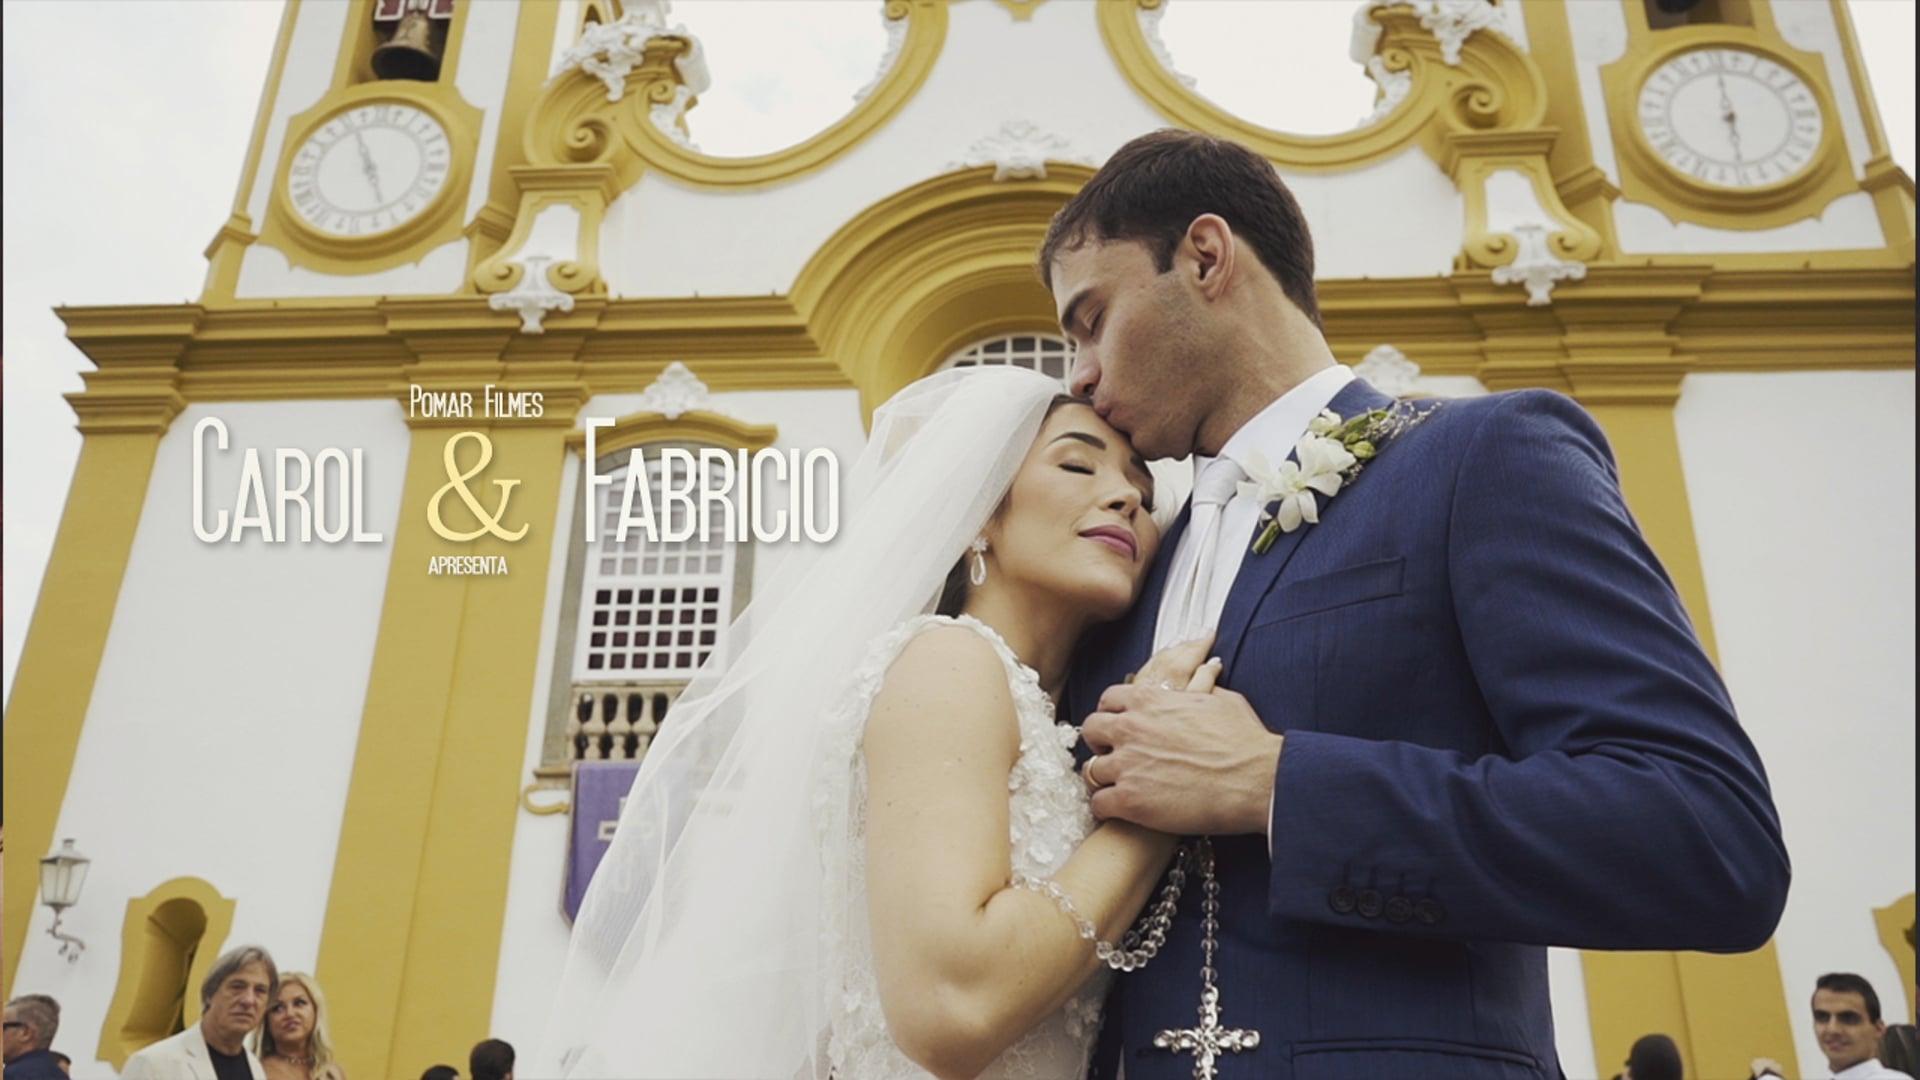 CAROL E FABRICIO